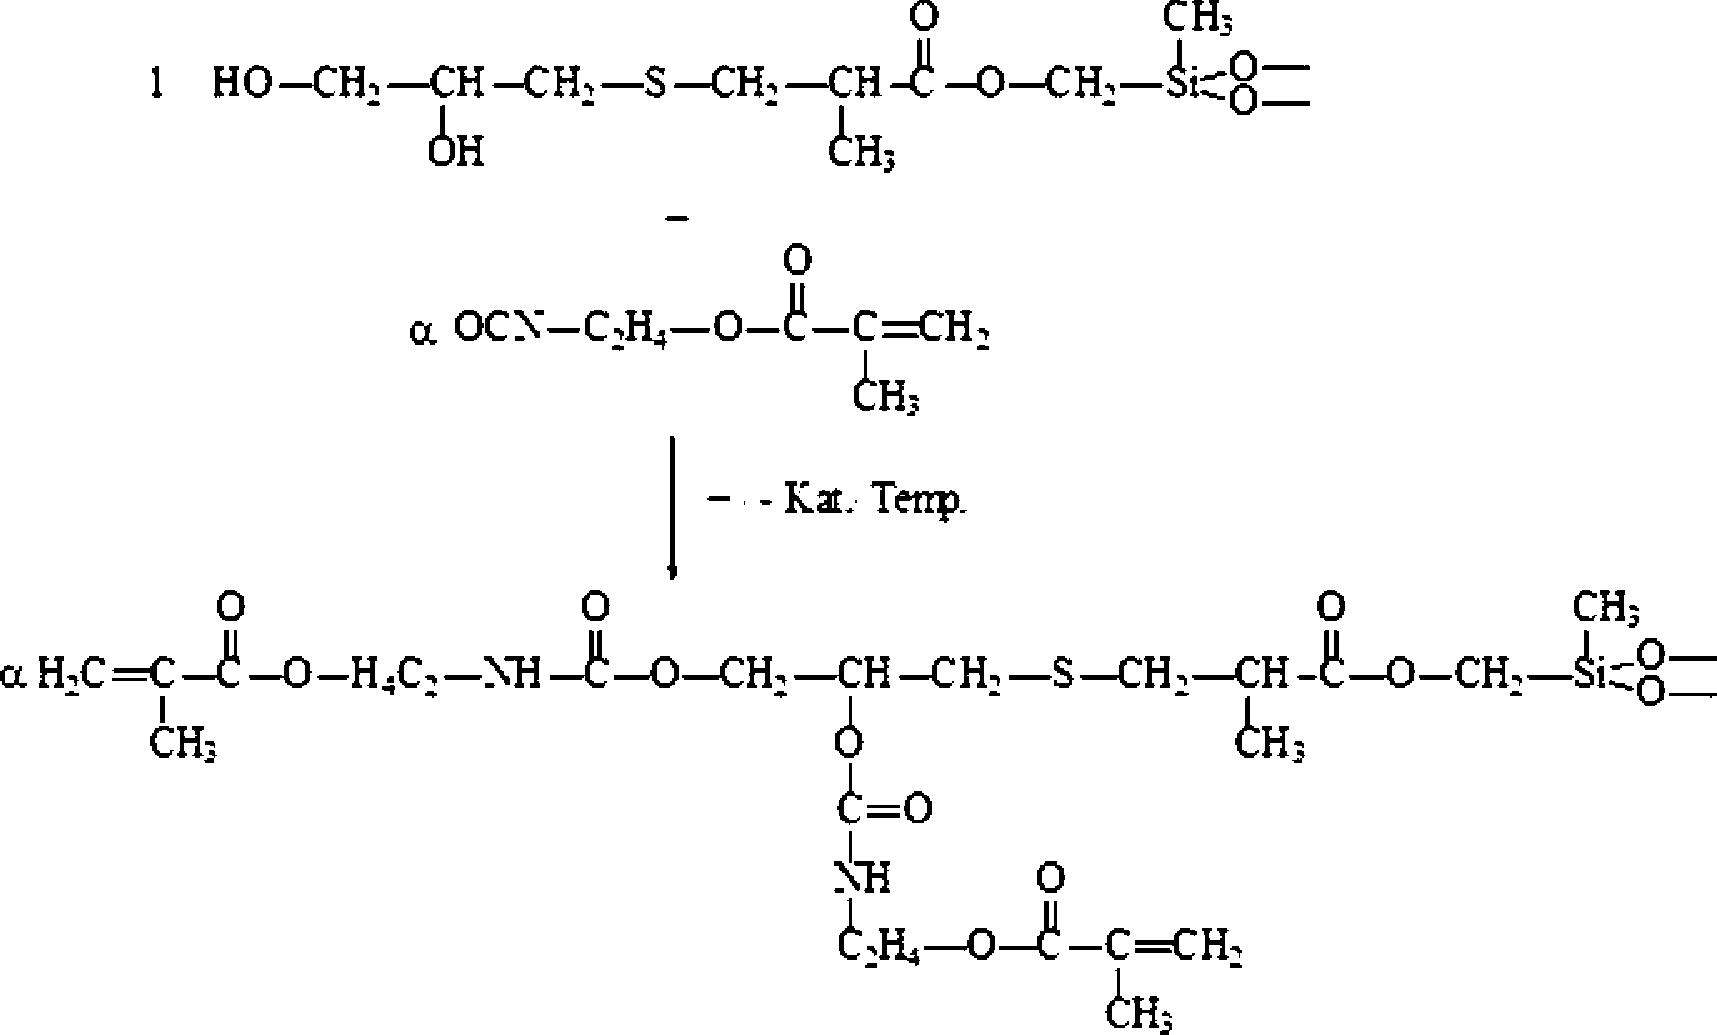 Figure DE102012109685A1_0003